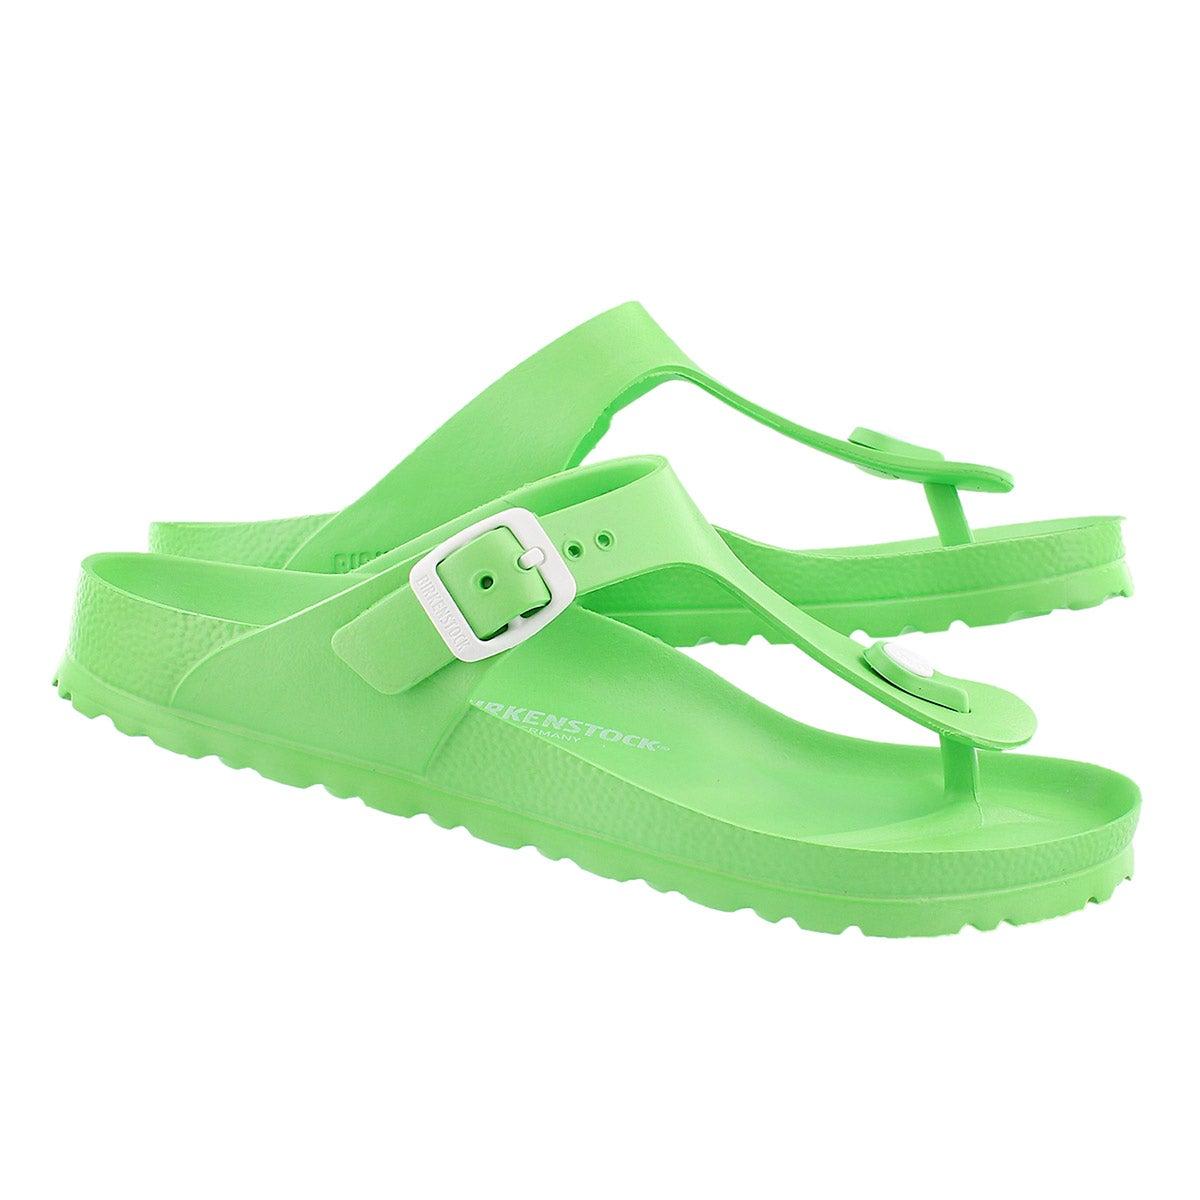 Sandale tong GIZEH EVA, vert fluo, femme